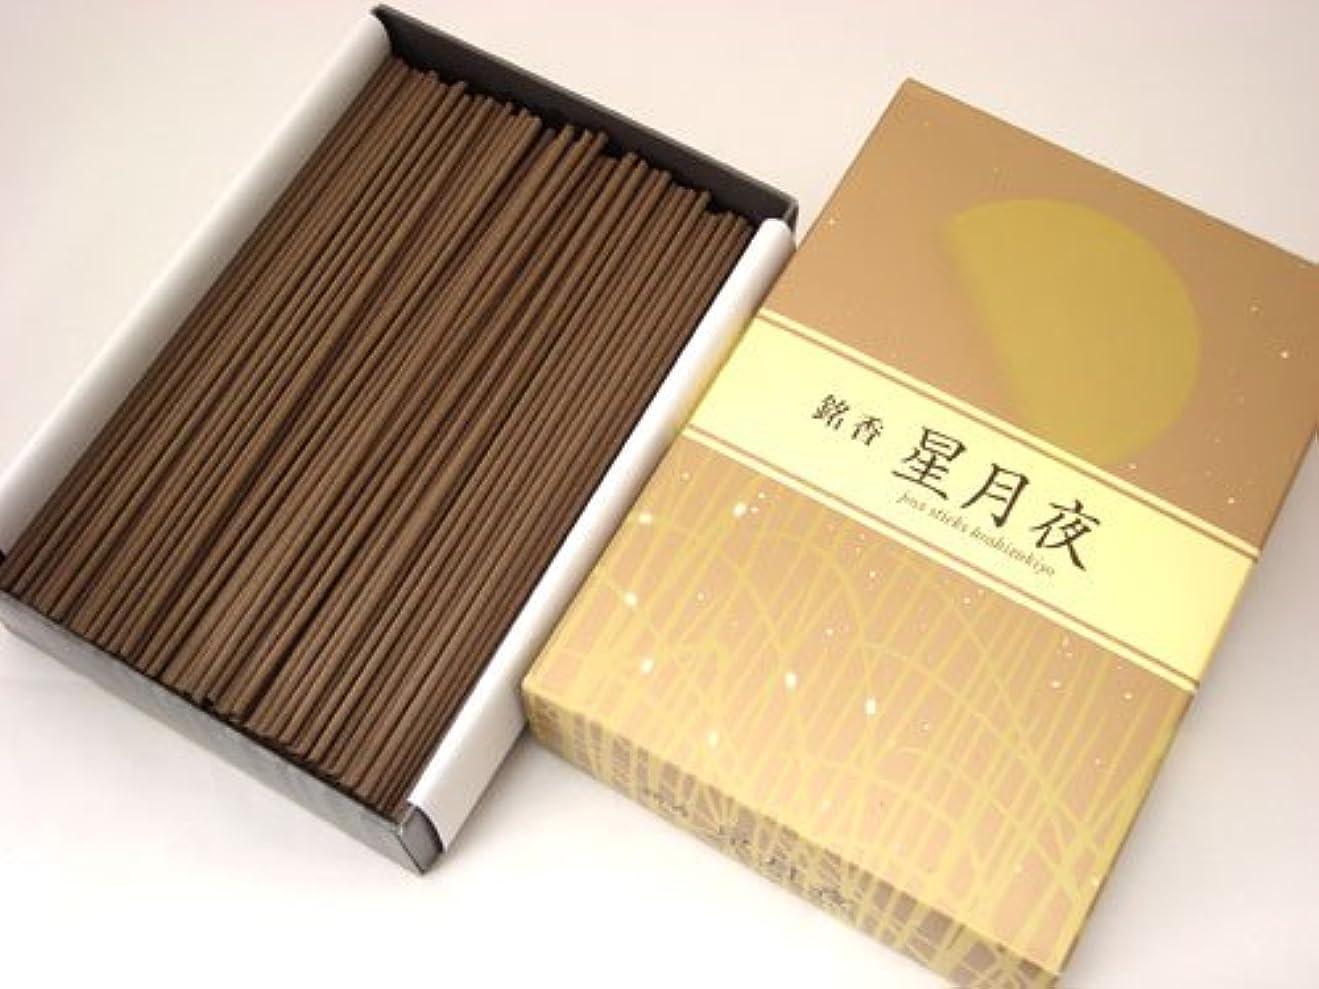 代わりのスモッグトイレ日本香堂 微煙タイプ【銘香 星月夜(ほしづきよ)】 バラ詰 大箱